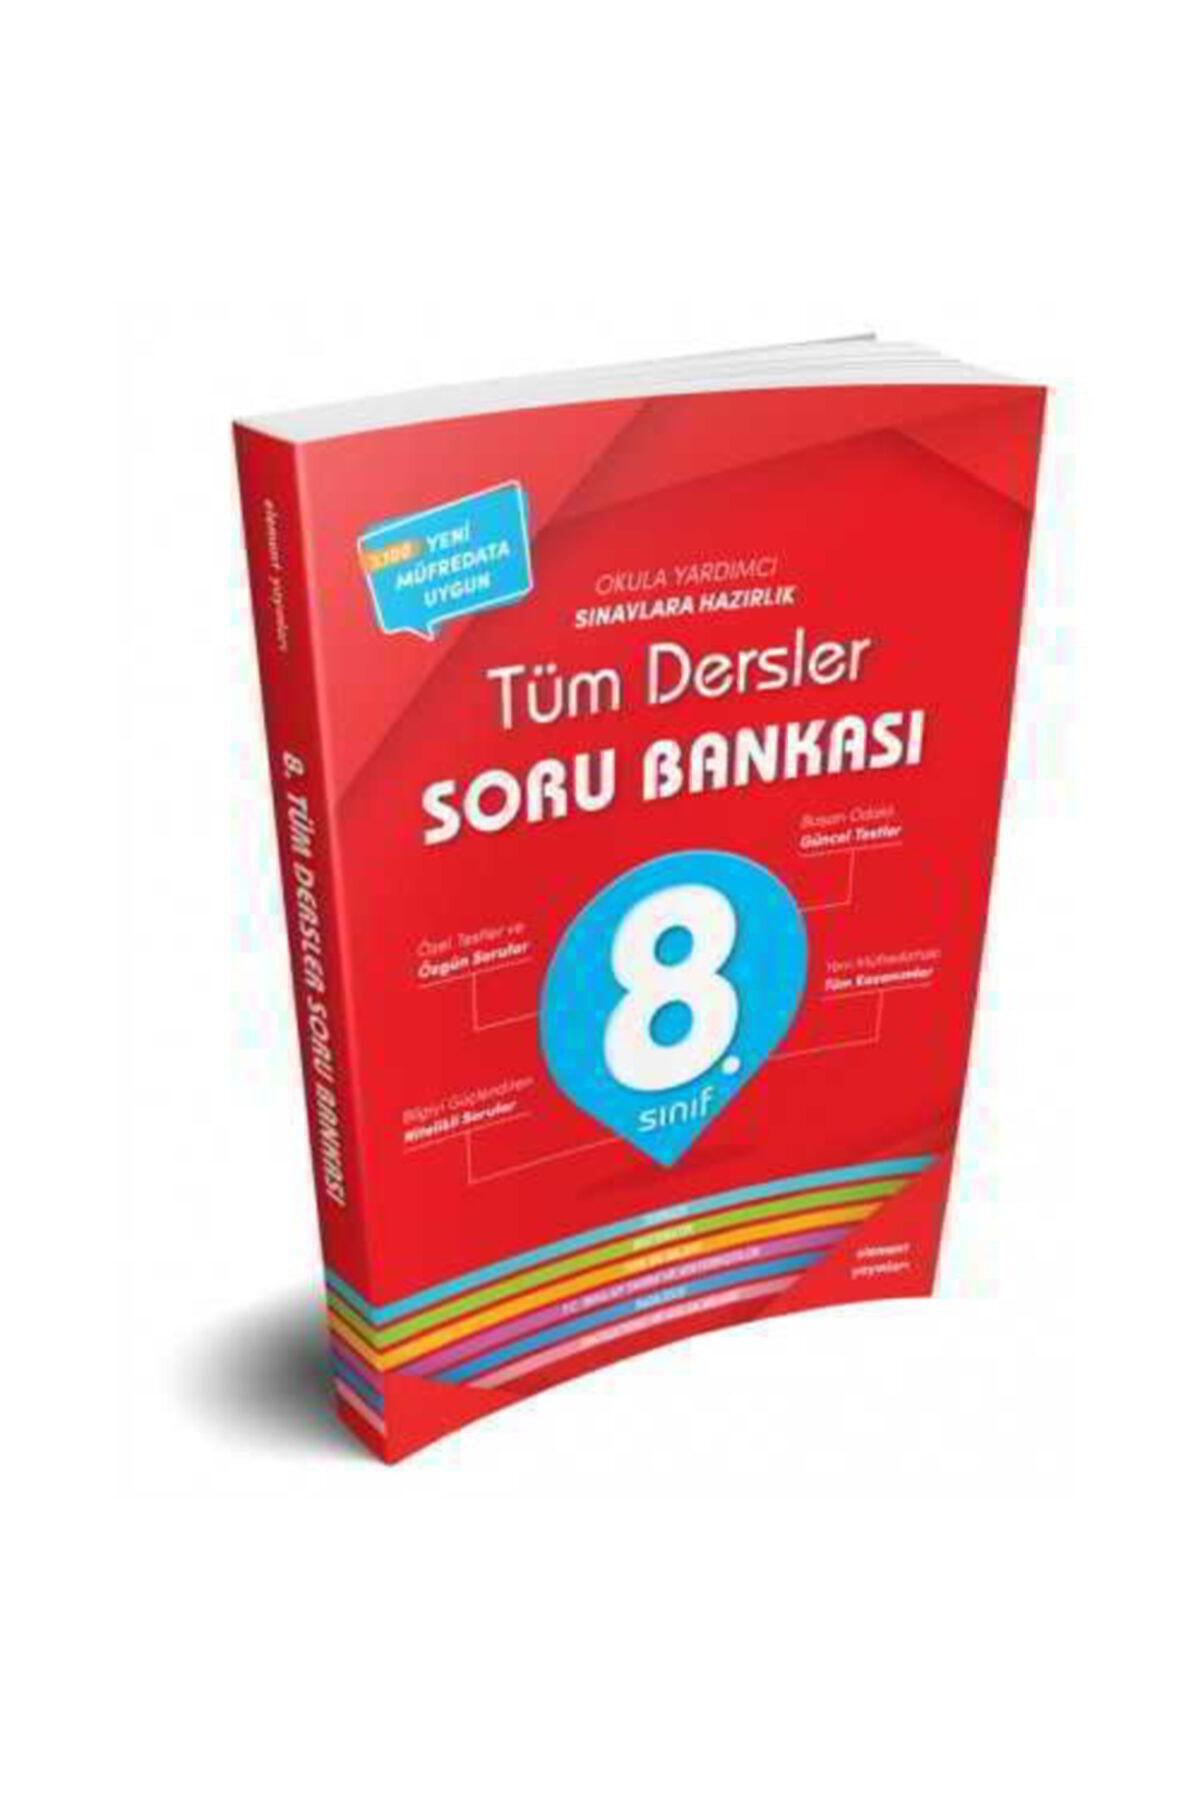 Element Yayınları 8.sınıf Tüm Dersler Soru Bankası 1